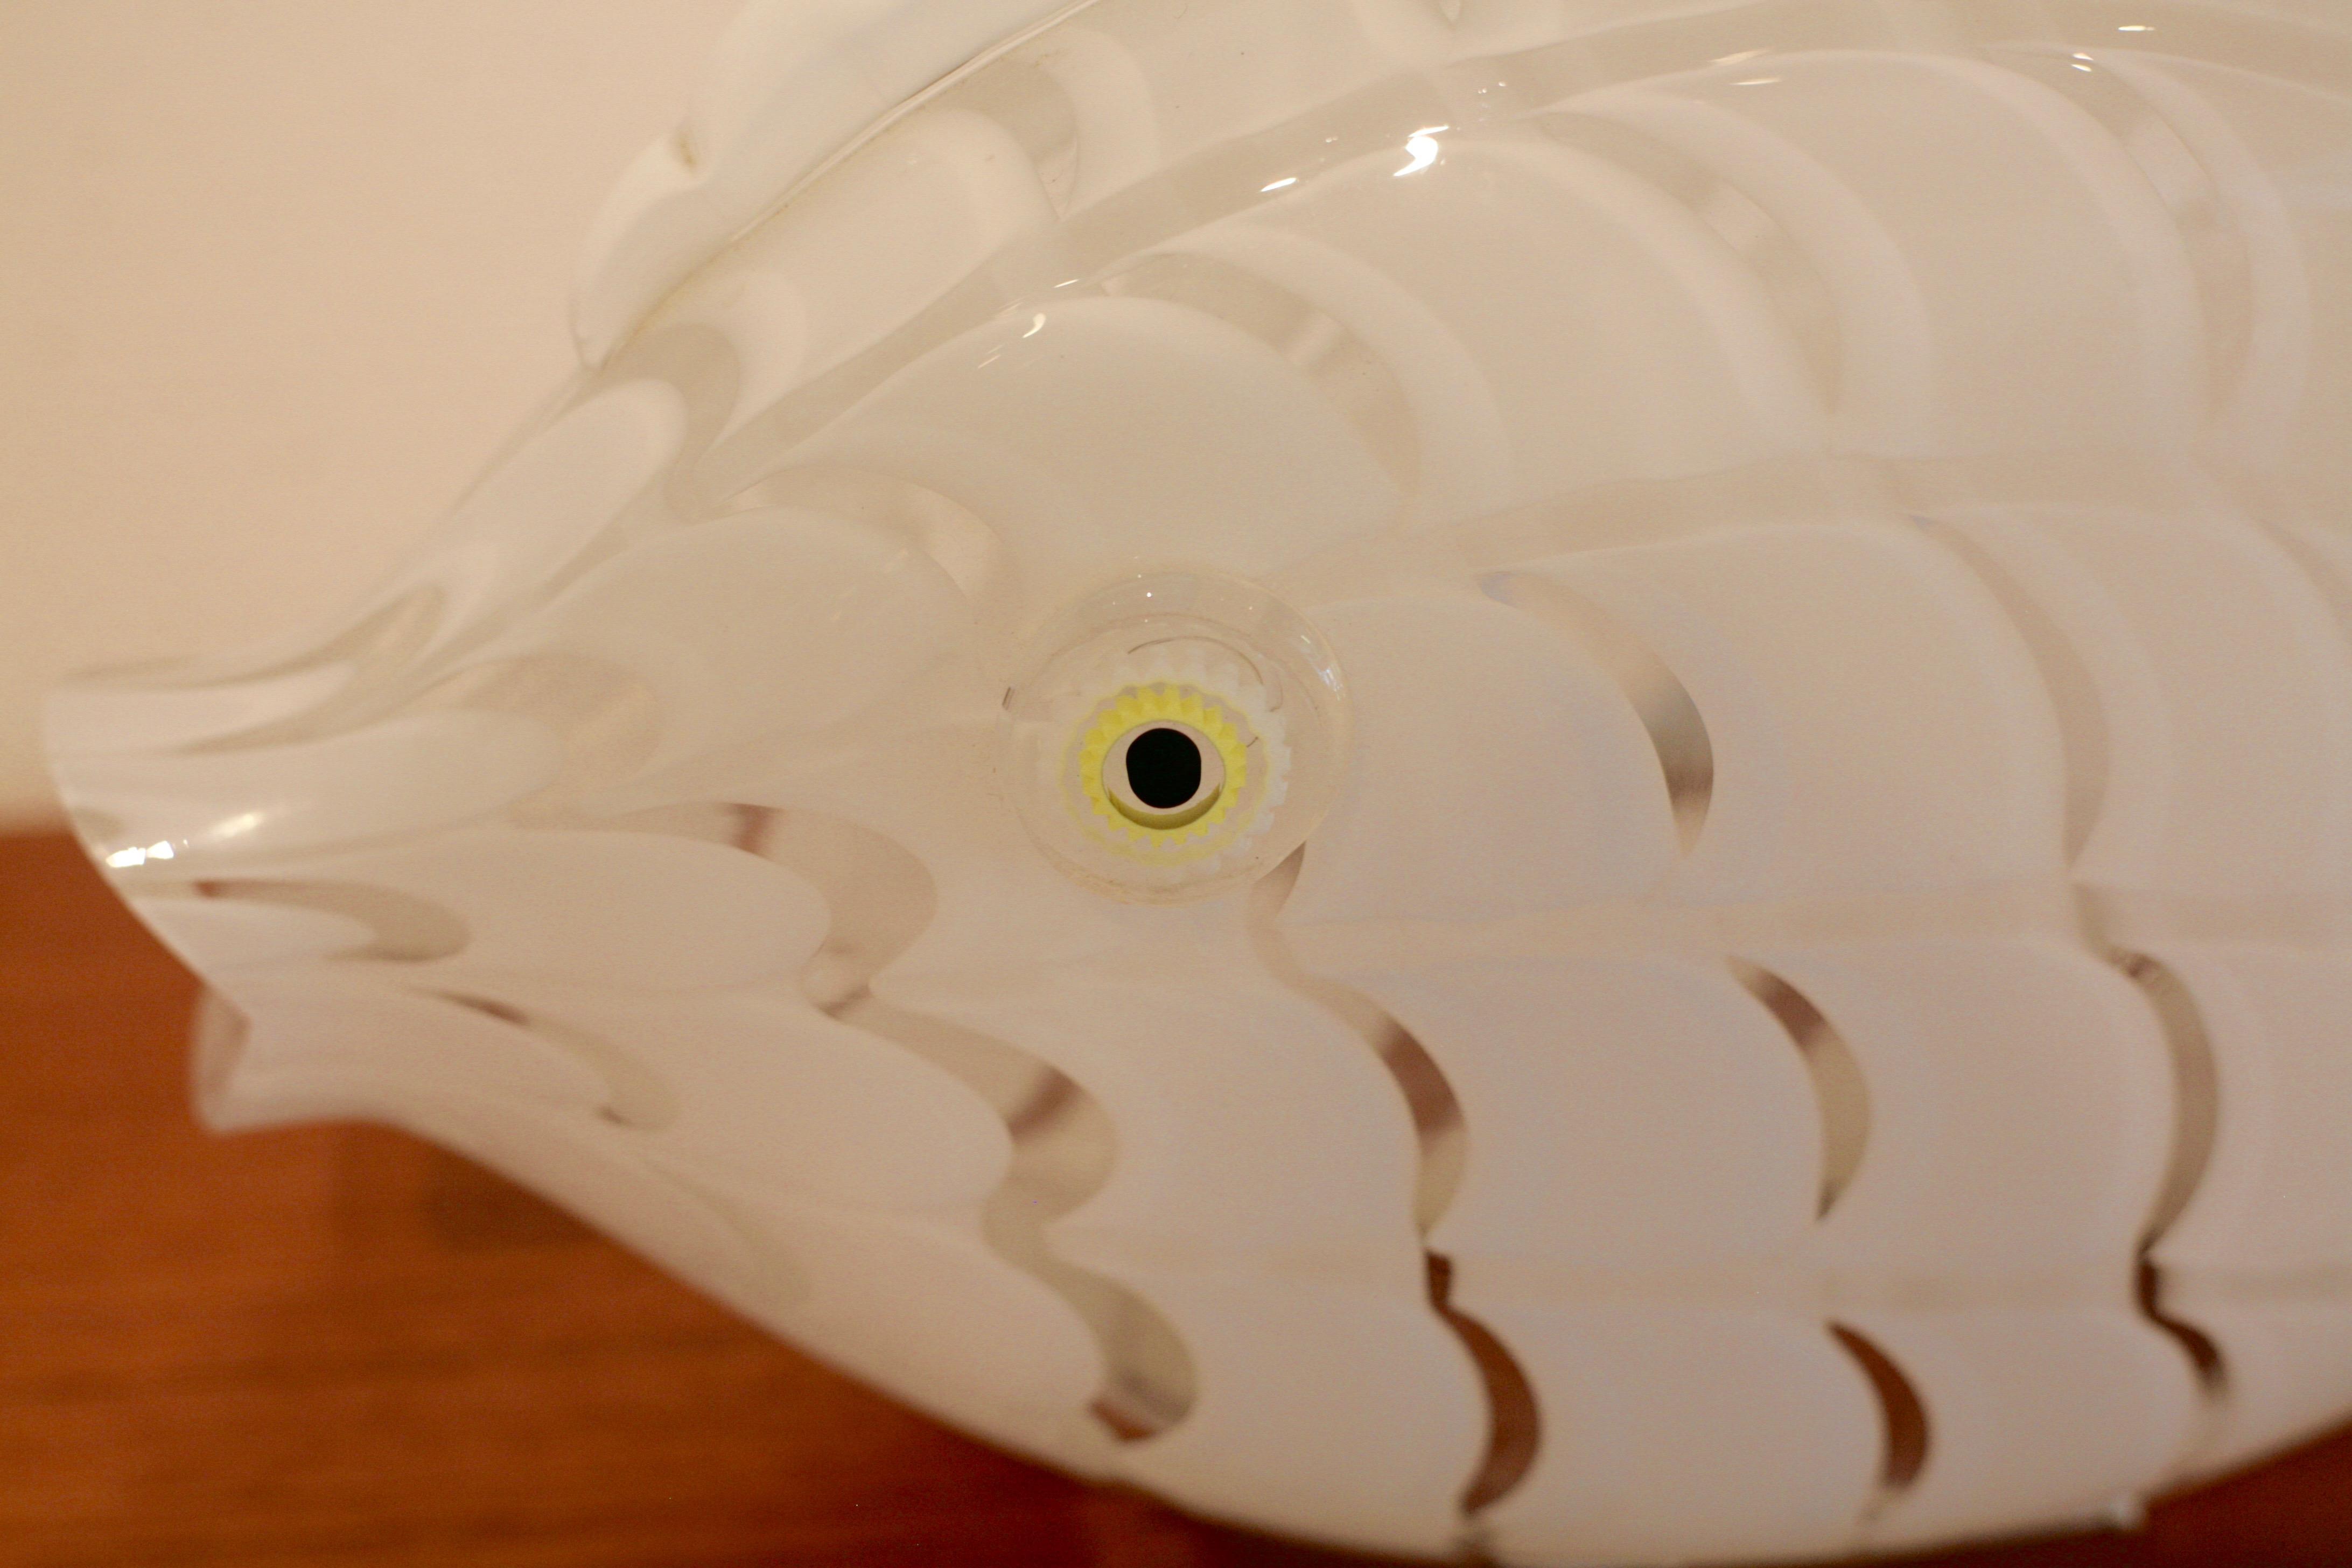 Fish lamp by Gino Vistosi